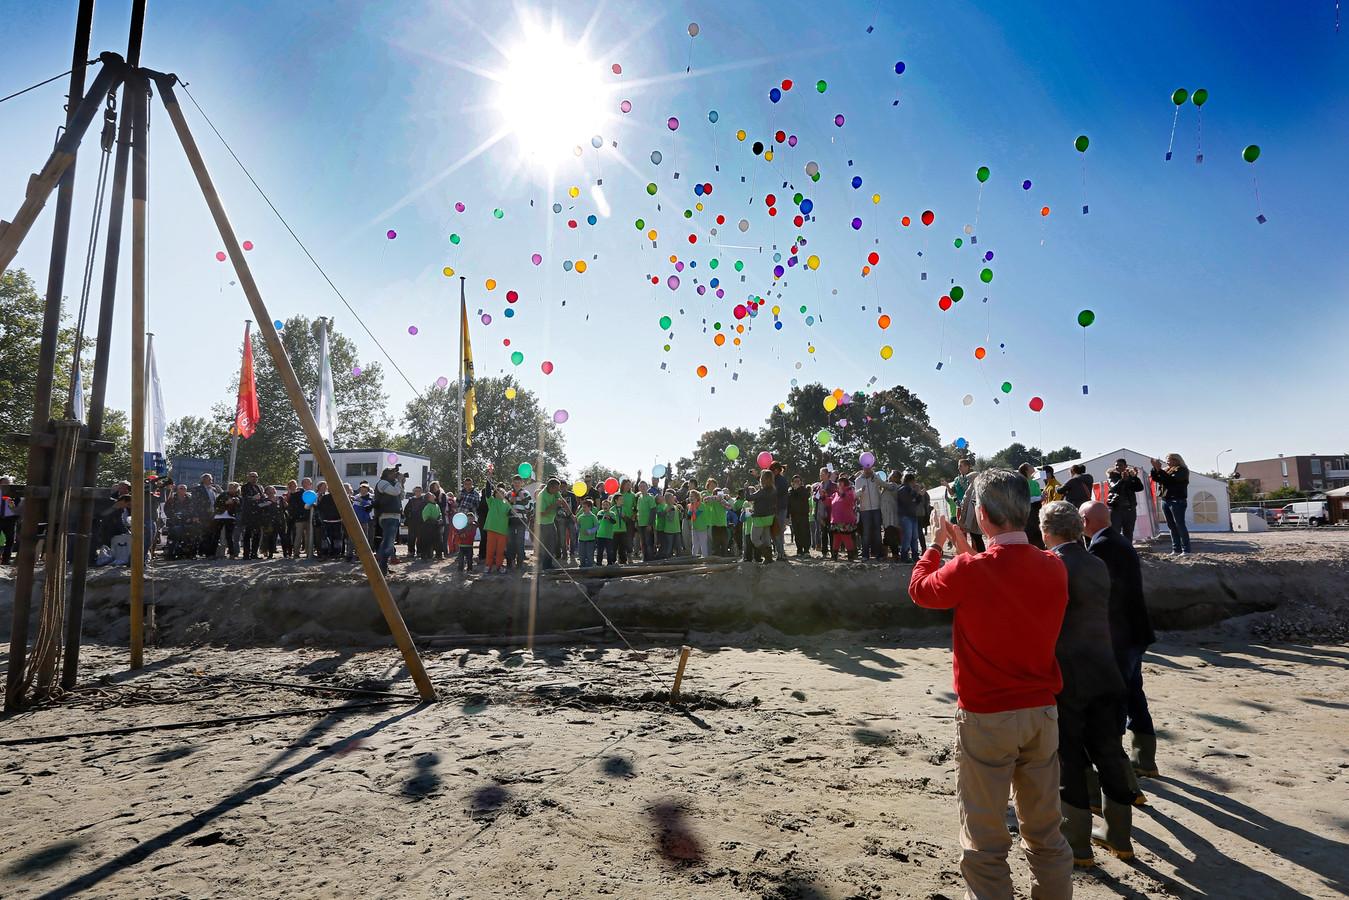 Kinderen laten ballonnen op bij de ingebruikname van de nieuwe Brede Zorgschool op Rauwenhof in Tiel in 2013. In de gemeente geldt voor zo ver bekend nog geen verbod op het oplaten van ballonnen.